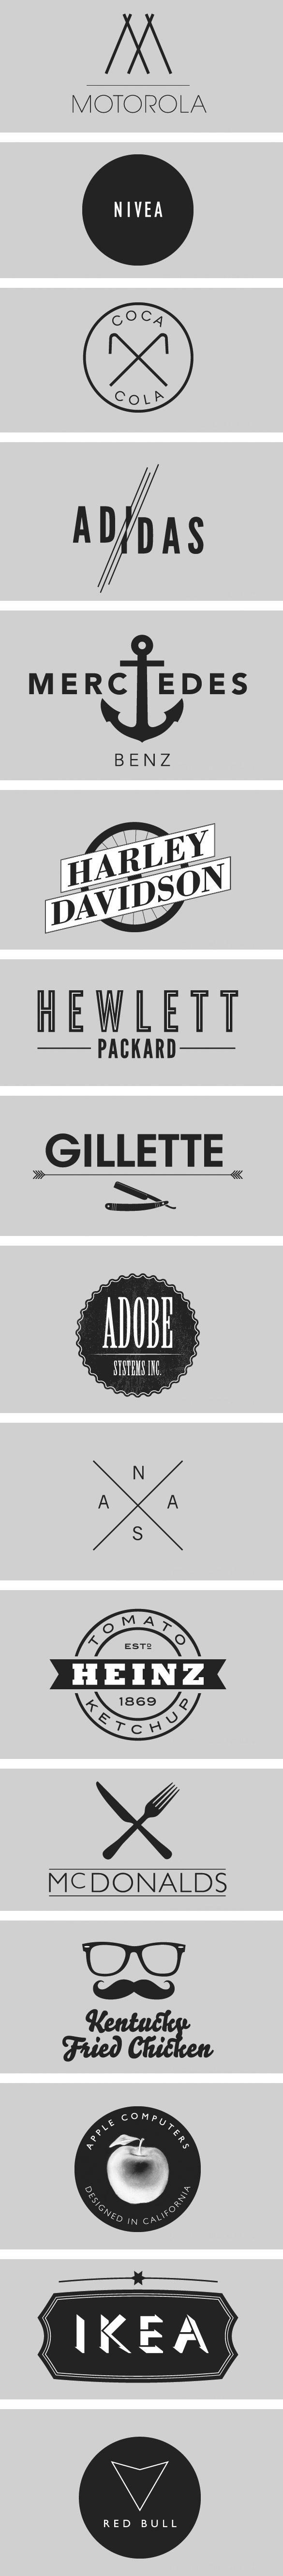 Graphisme & interactivité blog par Geoffrey Dorne » Décryptez le logos à la mode «hipster» !